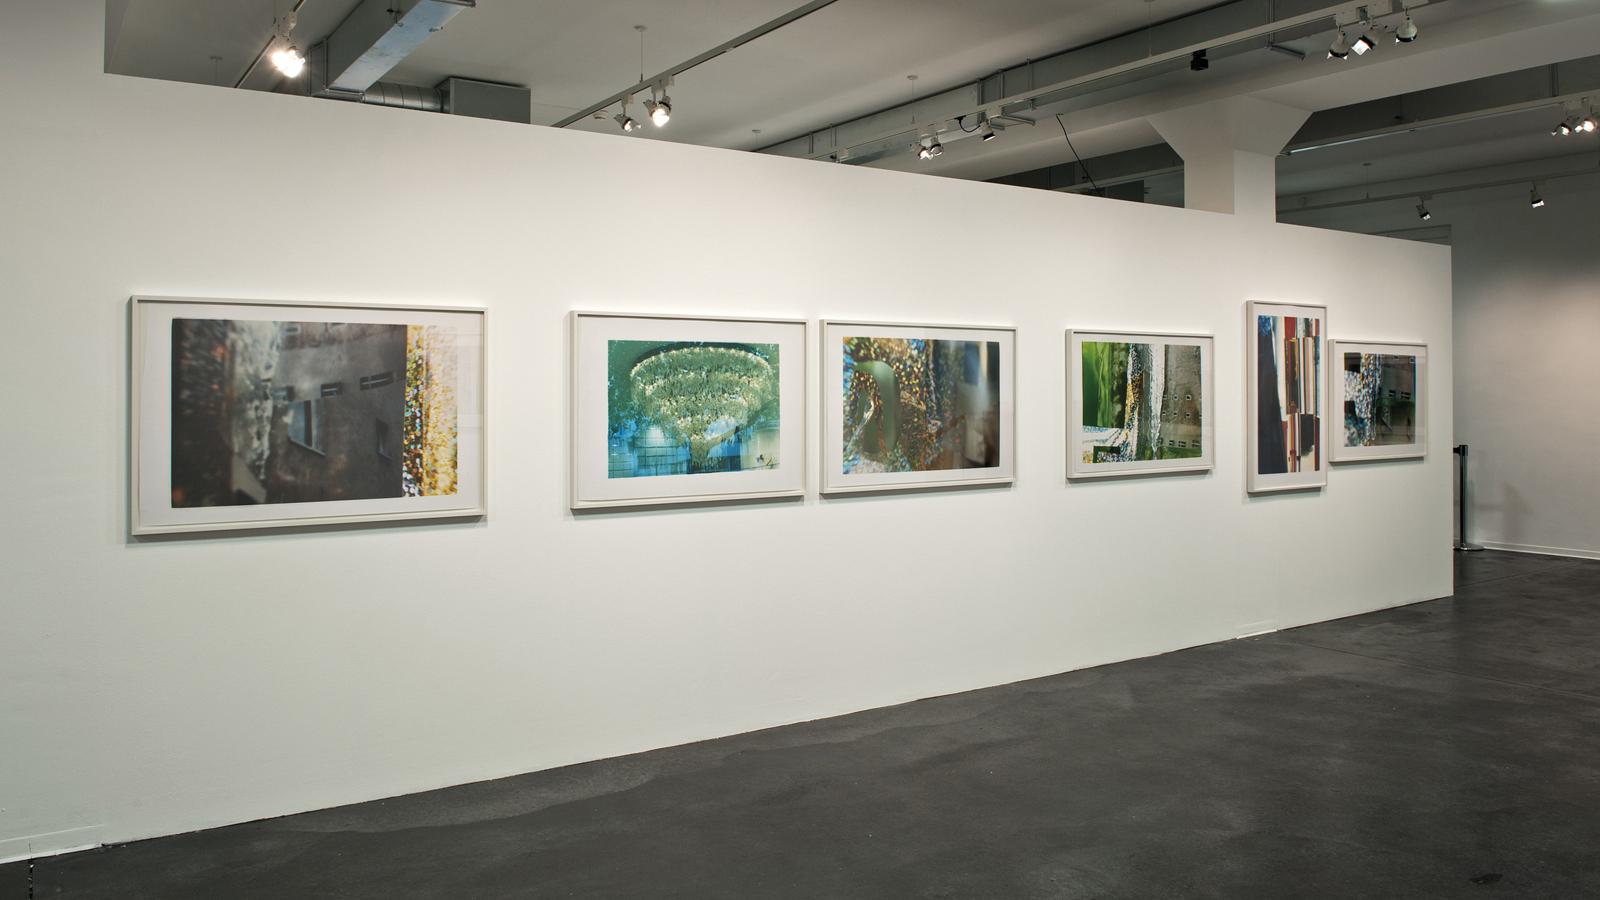 Berlin Barock, Ausstellungsansicht, Zephyr – Raum für Fotografie Mannheim, © Susa Templin; Courtesy Galerie Thomas Rehbein, Foto: rem, Carolin Breckle